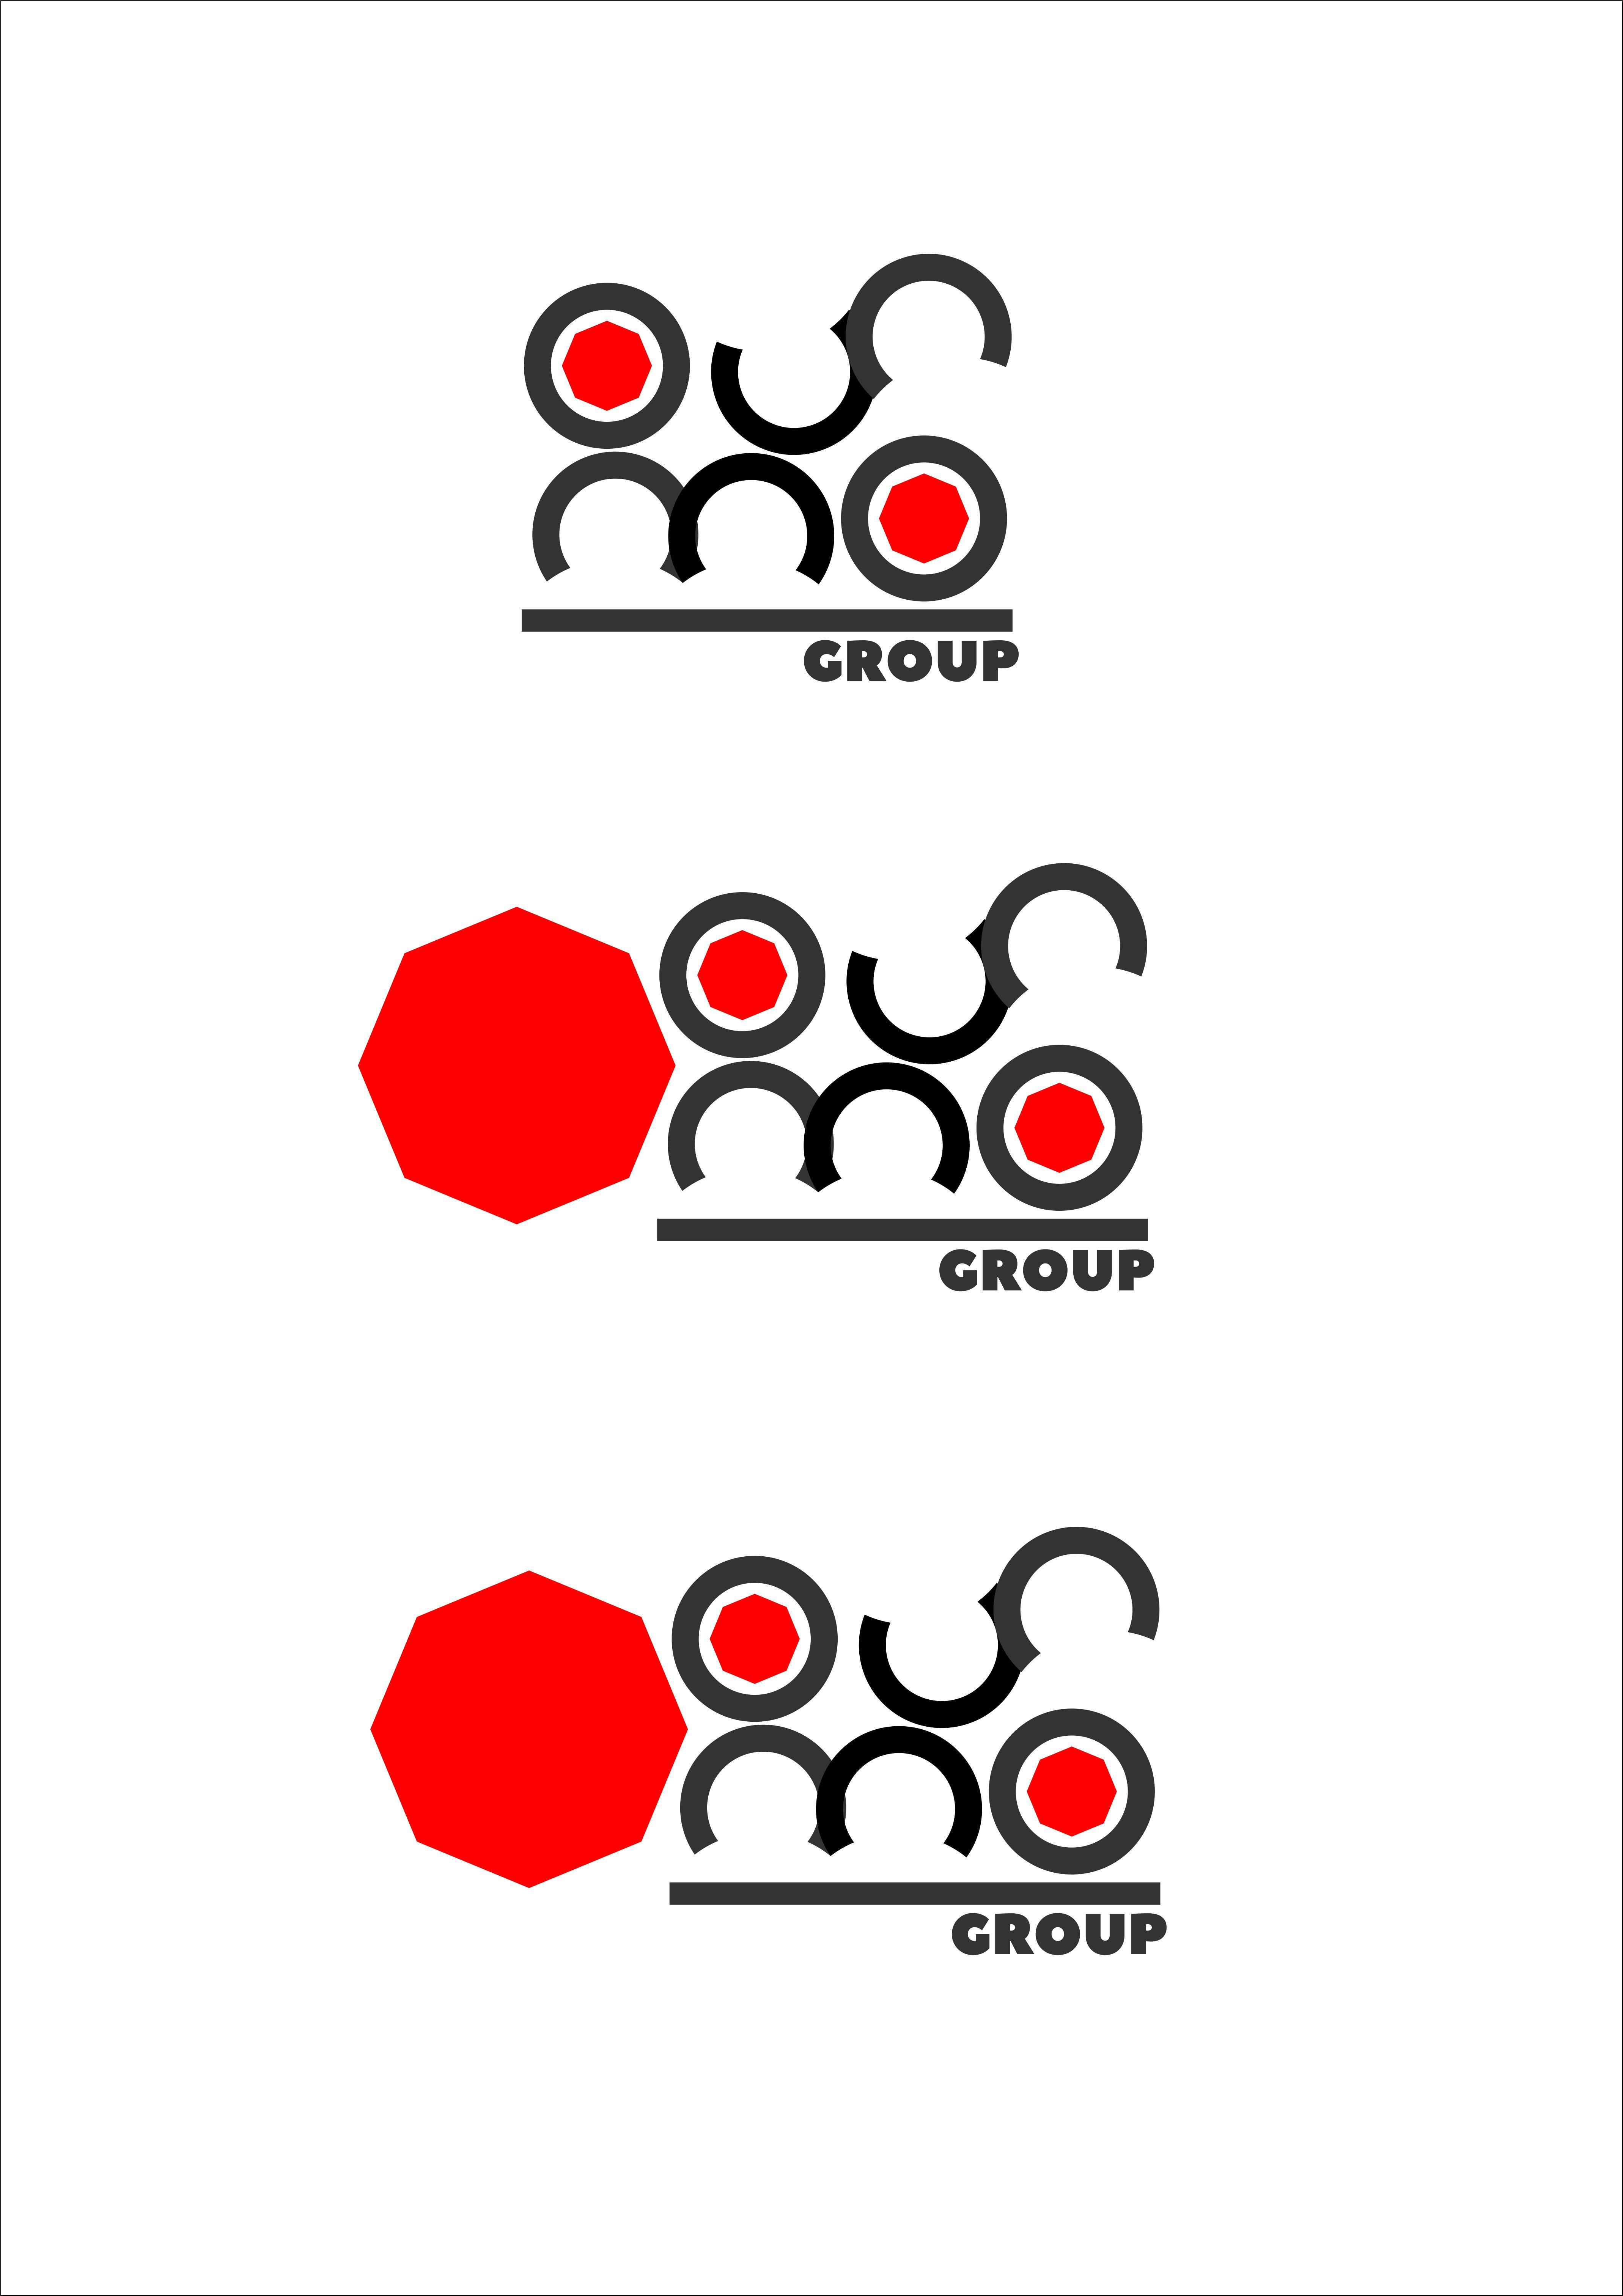 Создание логотипа для строительной компании OSMO group  фото f_72759b6432421c92.jpg